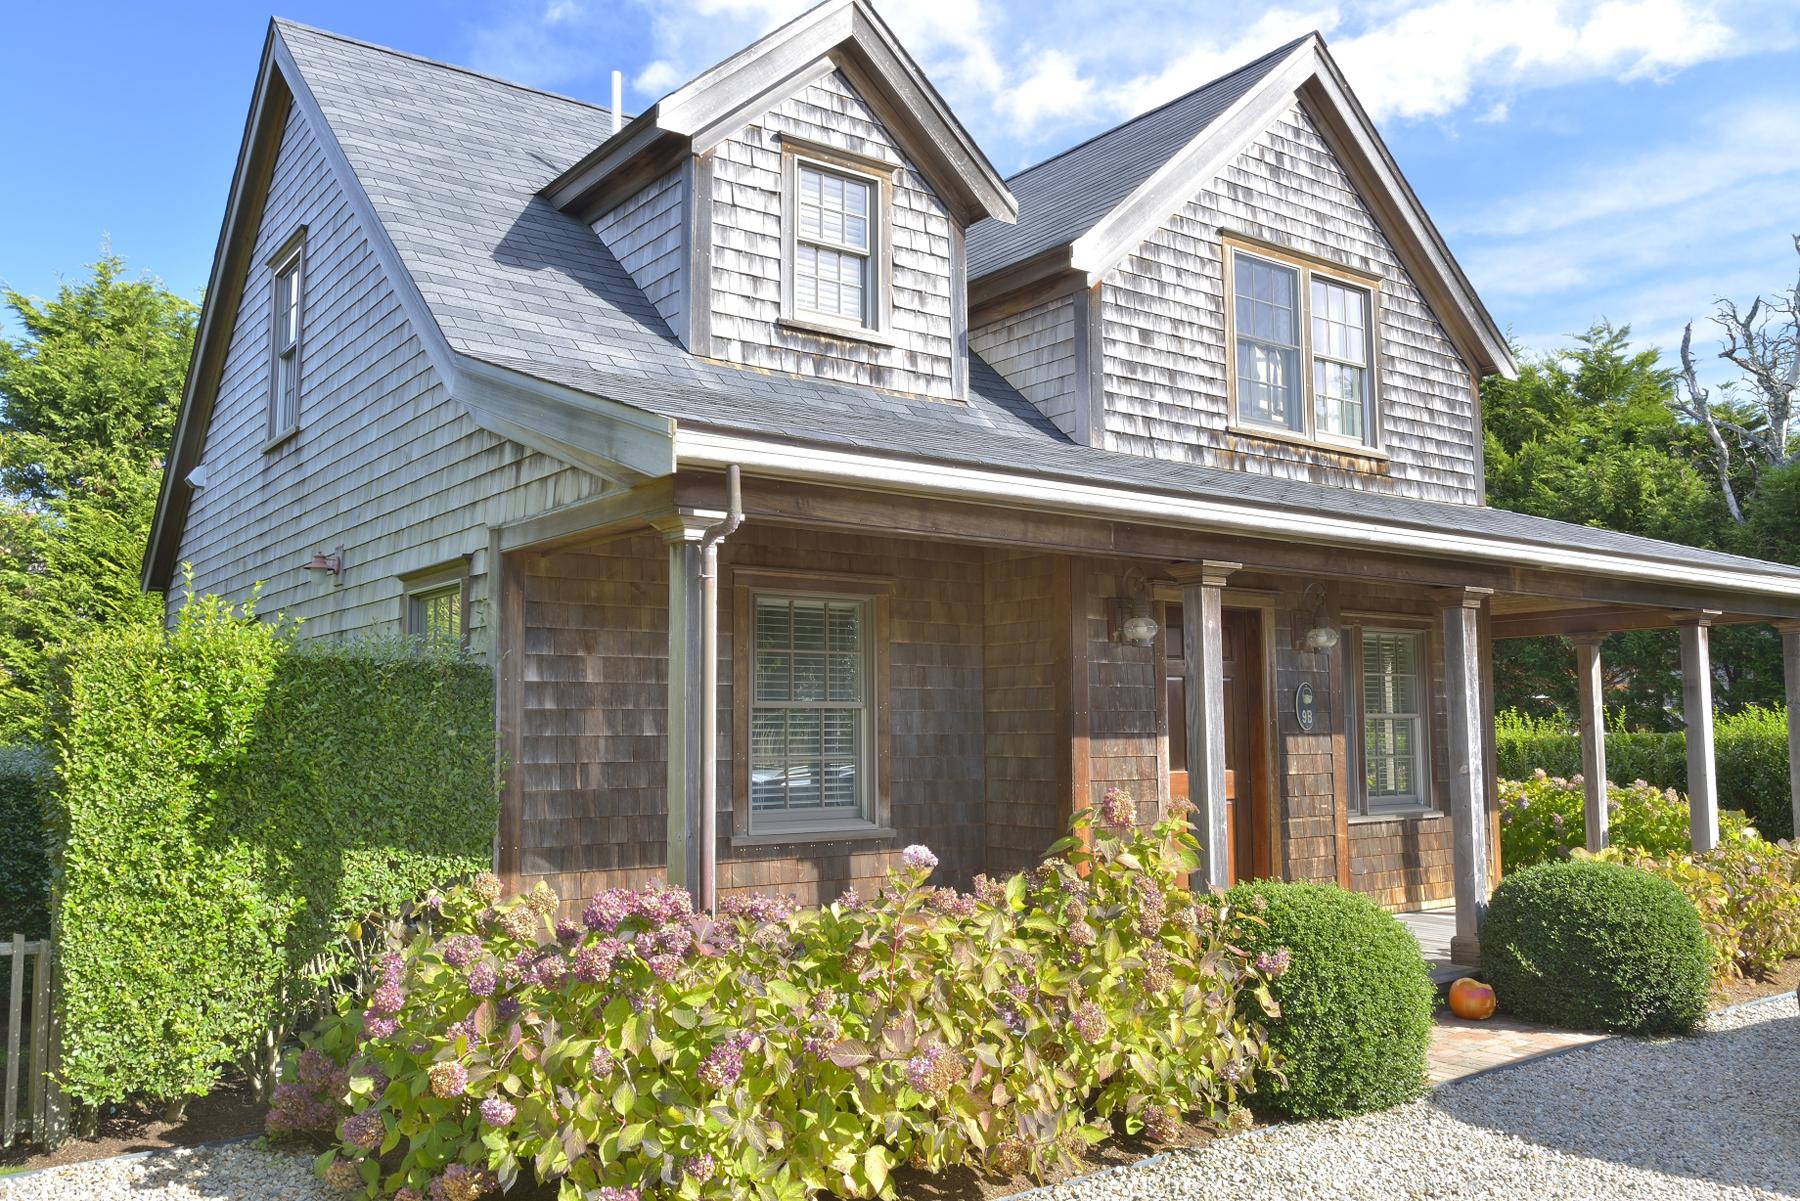 Property For Sale at Excellent Craftsmanship